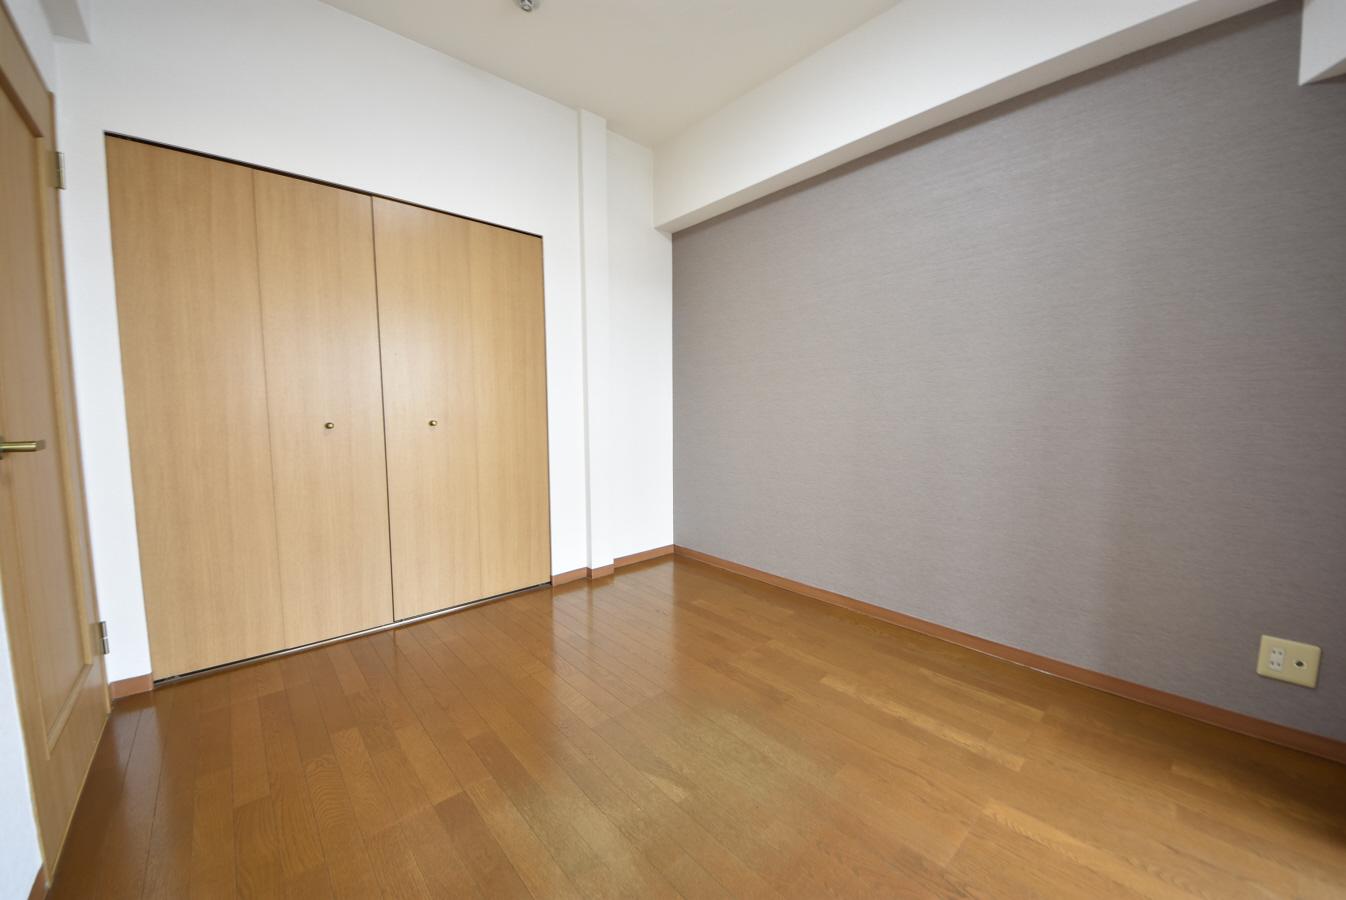 物件番号: 1025883912 アミーグランコート三宮  神戸市中央区浜辺通3丁目 1LDK マンション 画像1